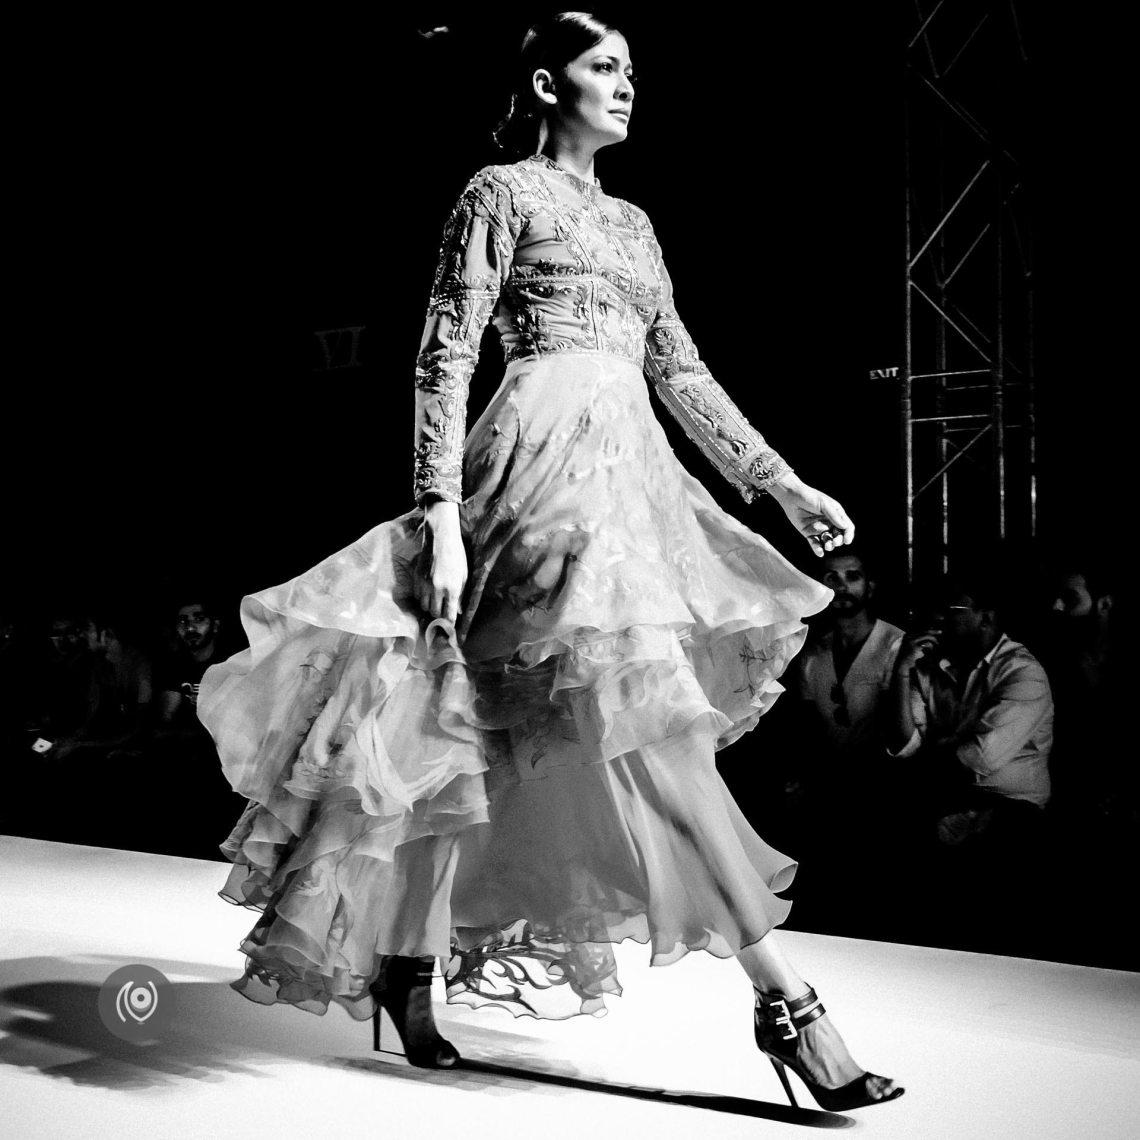 Kartikeya, Amazon India Fashion Week Spring Summer 2016 #AIFWSS16 #EyesForFashion Naina.co Luxury & Lifestyle, Photographer Storyteller, Blogger